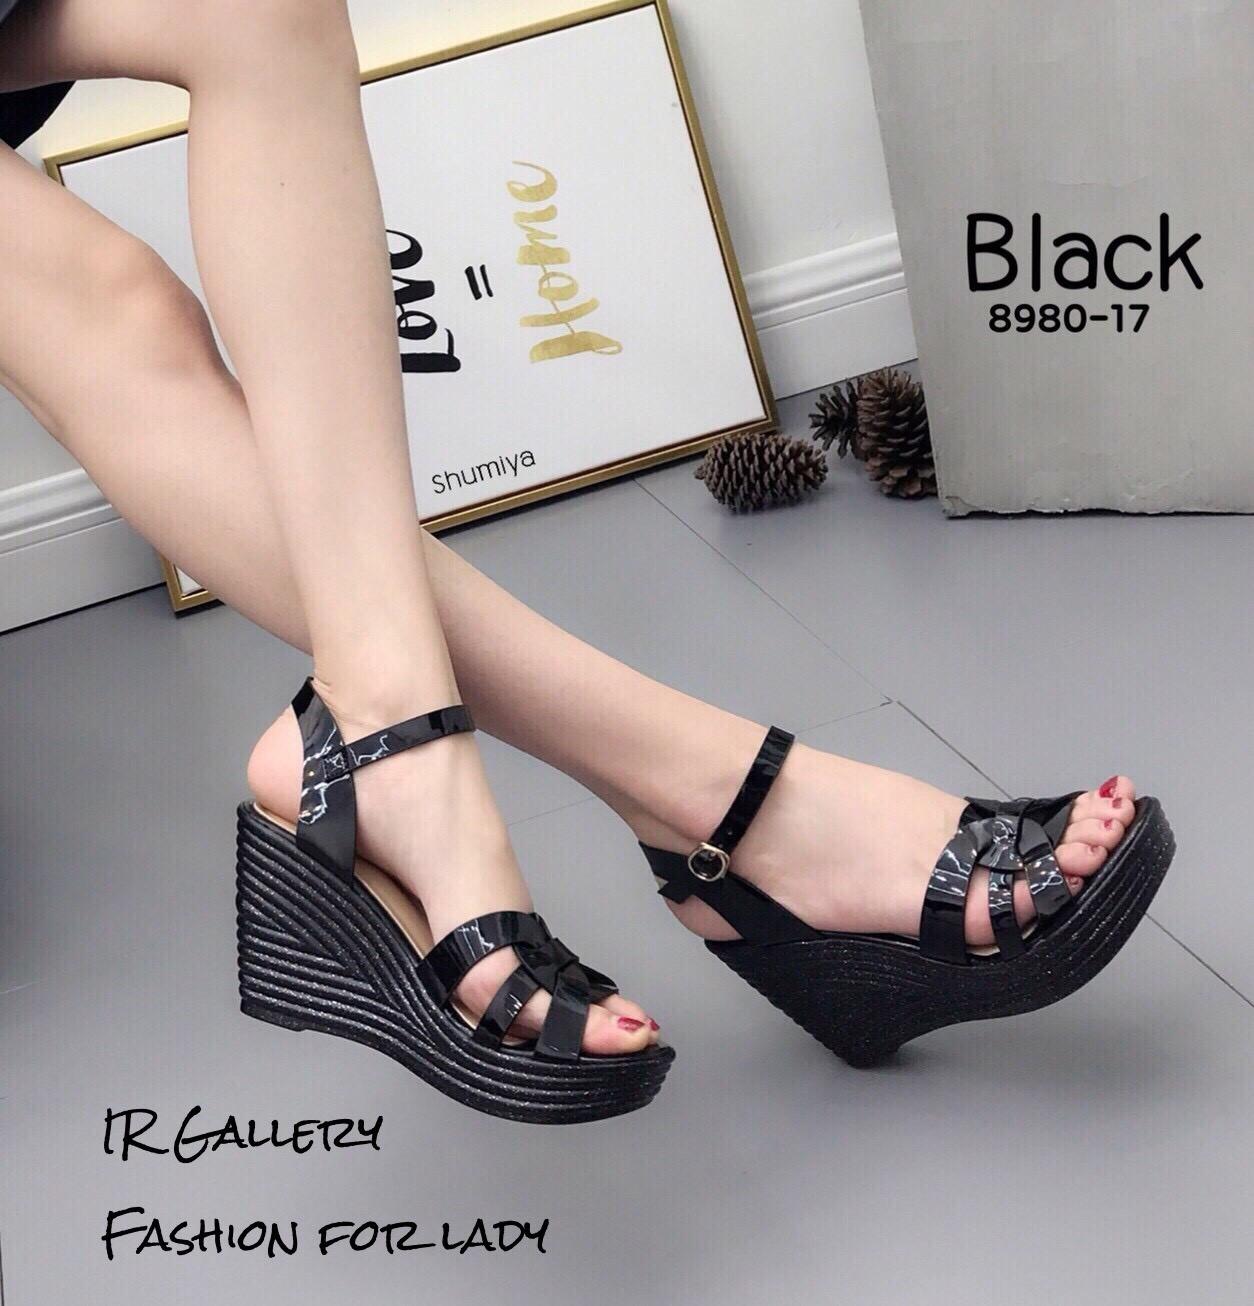 รองเท้าส้นเตารีดหนังเงาสไตล์ YSL (สีดำ)